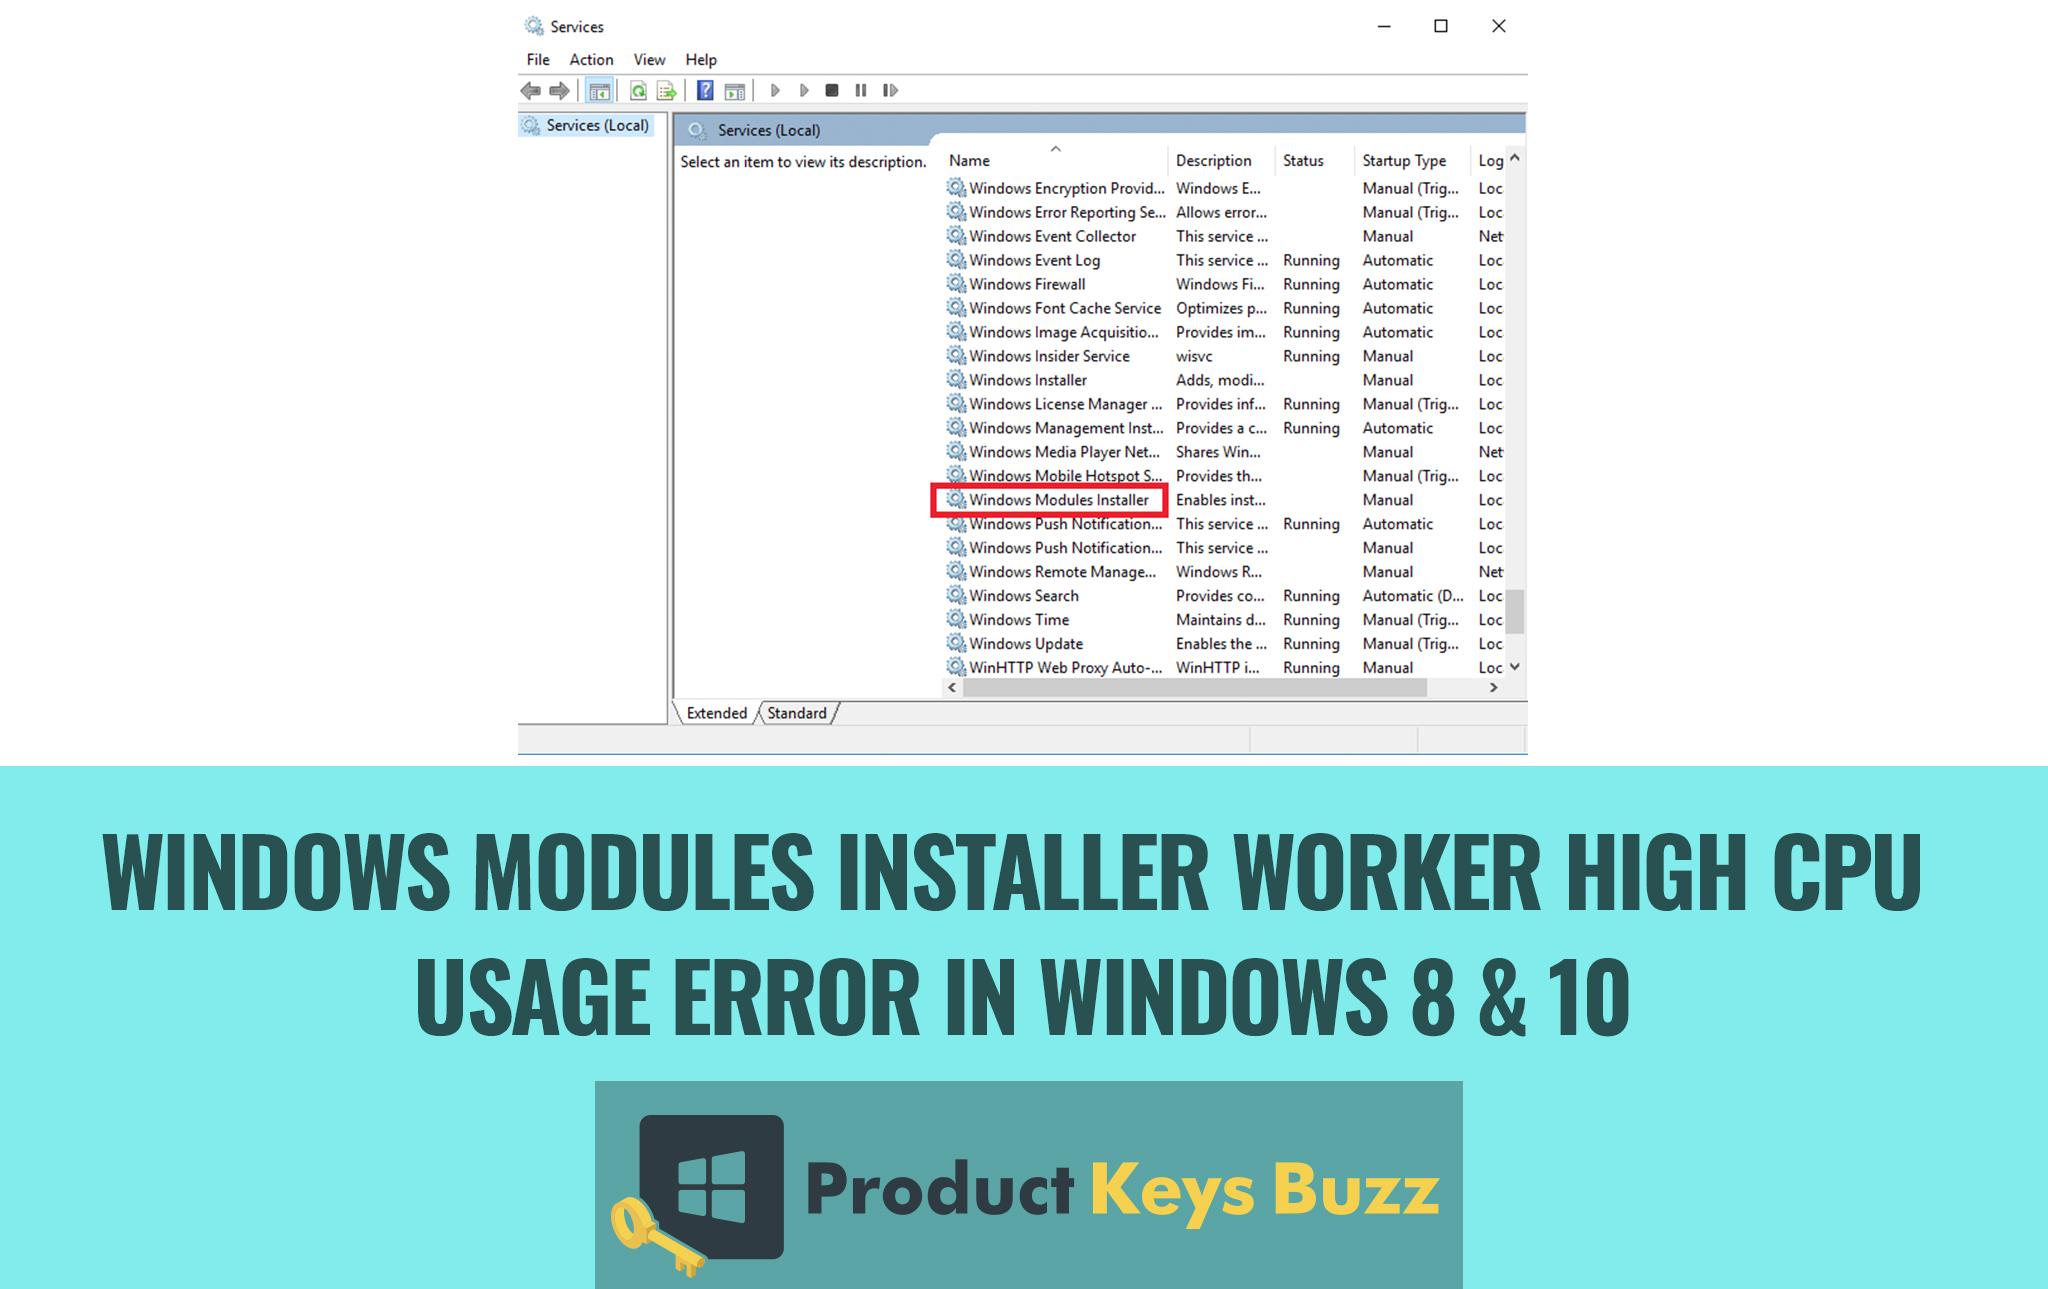 Windows Modules Installer Worker High CPU Usage Error in Windows 8 & 10